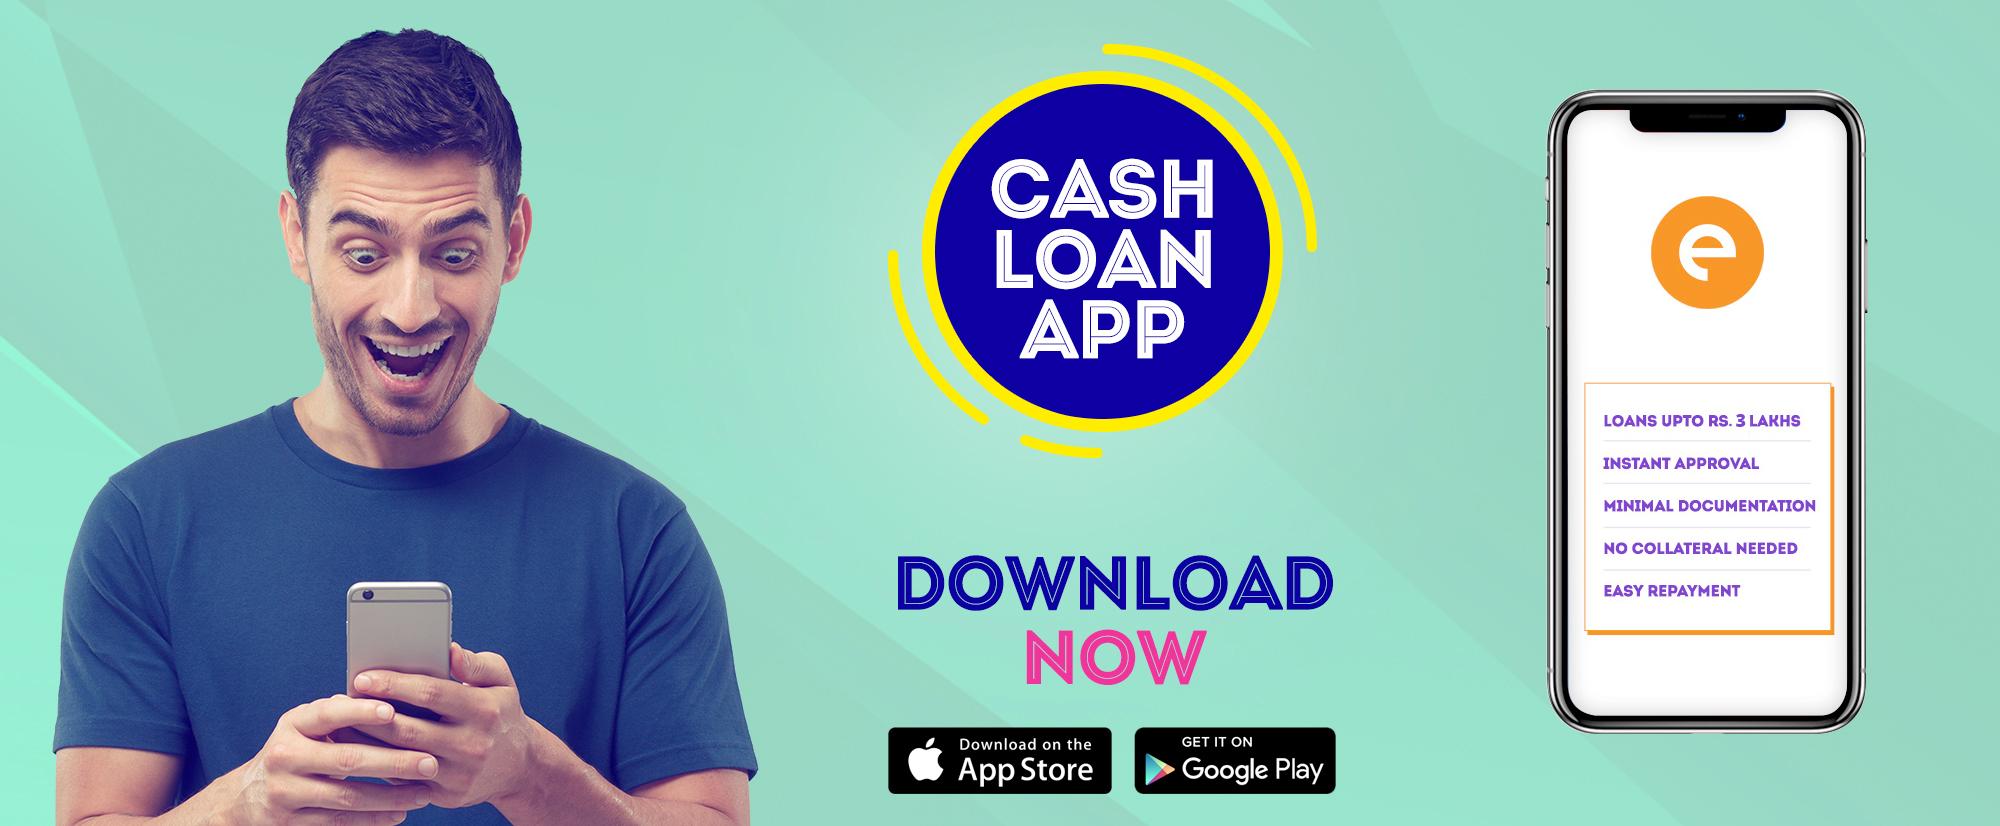 Cash Loan - Get Cash Loan Online with CASHe Cash Loan App